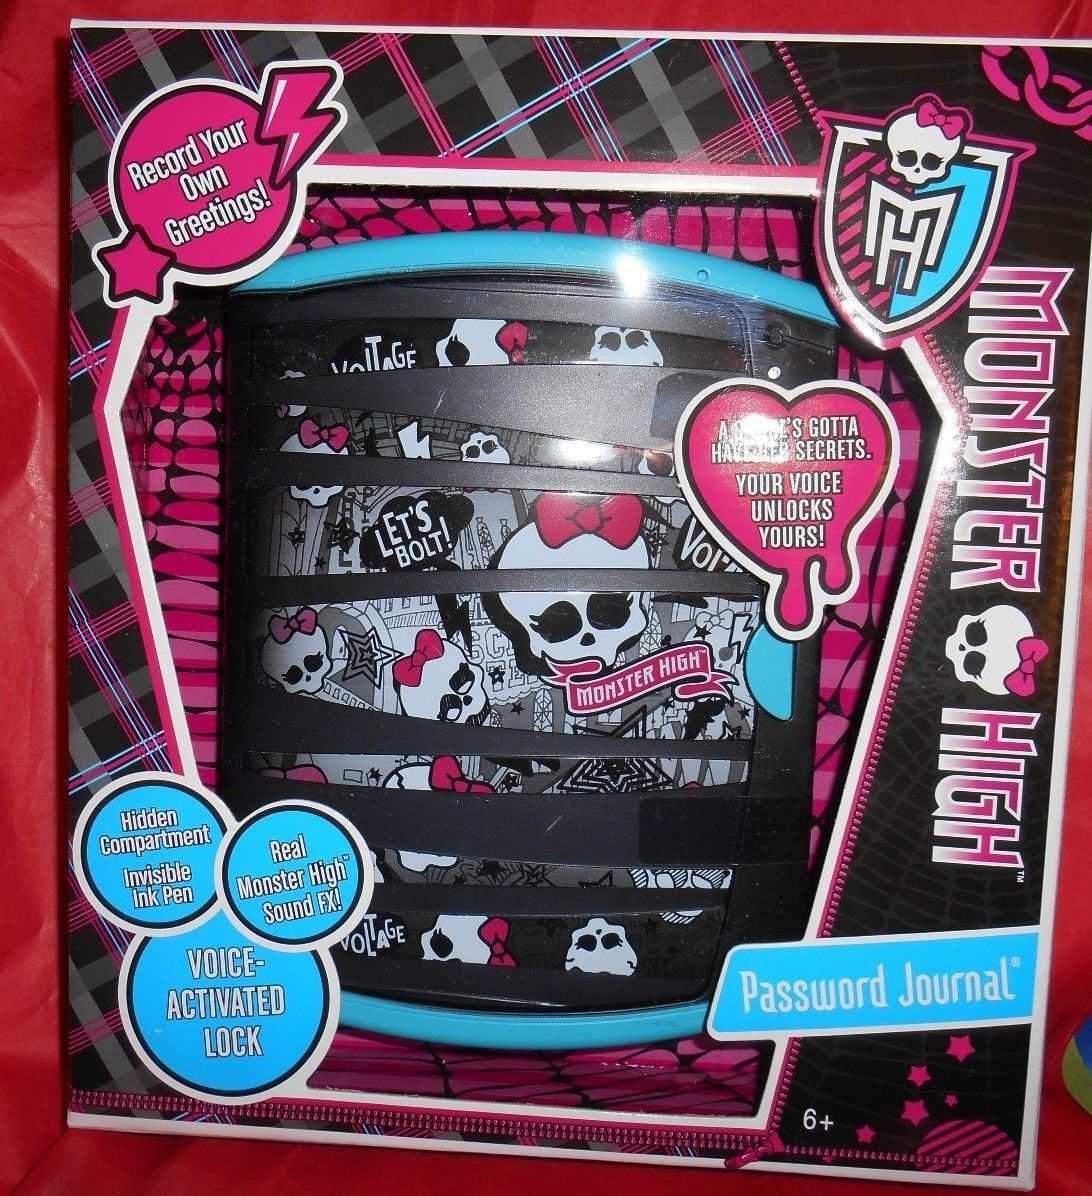 Bodega Aurrerá: diario de Monster High a $56